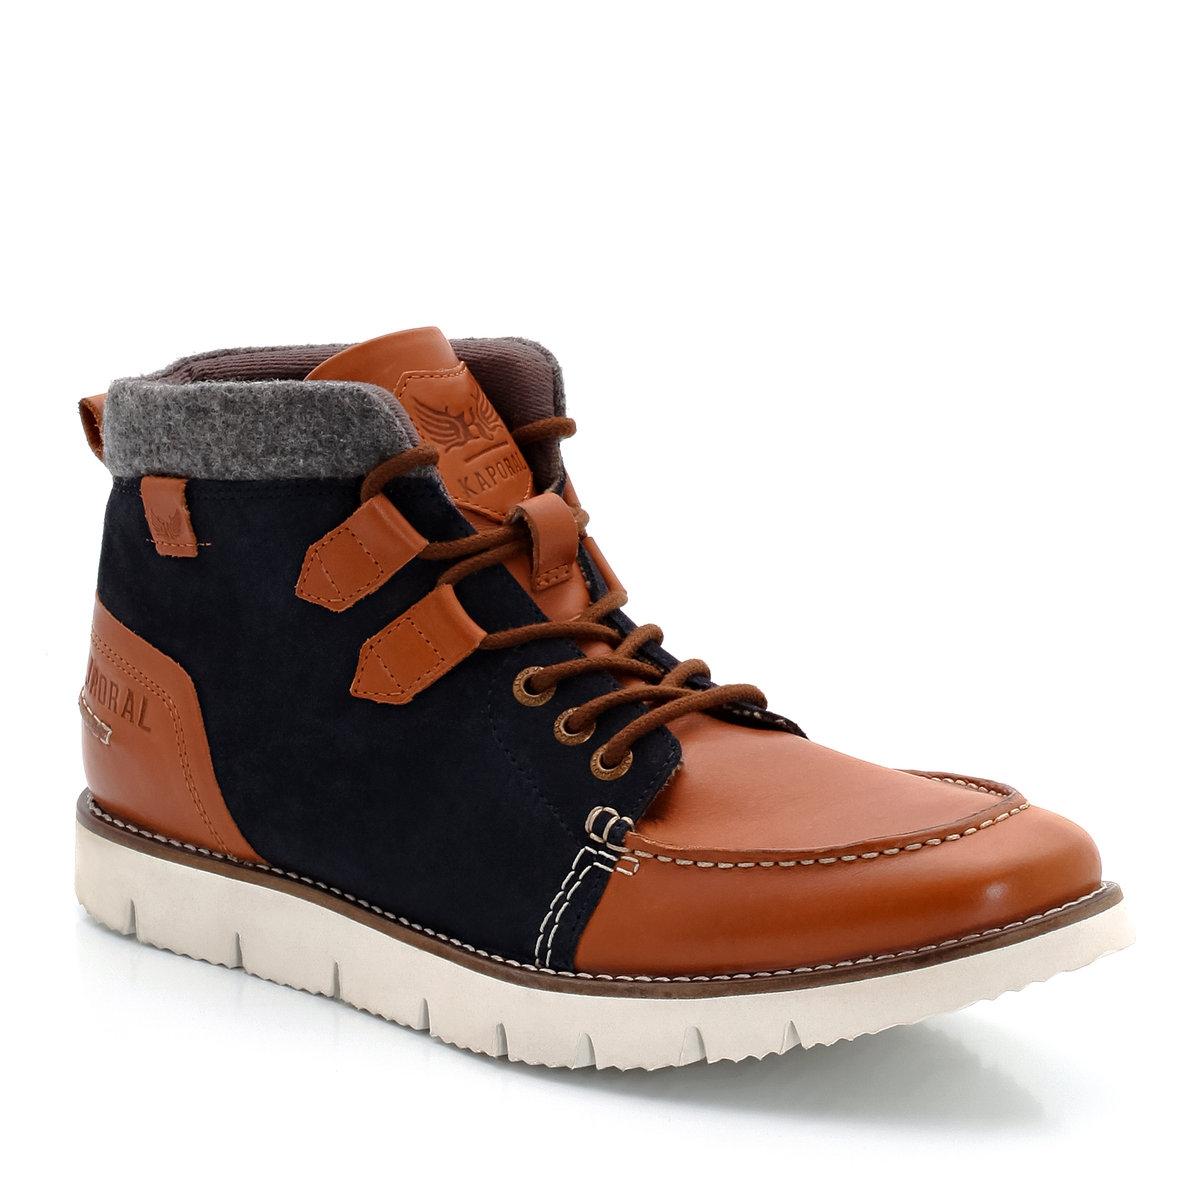 Ботинки из кожи и спилка на шнуркахМикс кожи и спилка, игра цветовых контрастов, небольшие модные отвороты: ботинки, трендовые и ультра стильные, в духе бренда Kaporal!<br><br>Цвет: темно-бежевый/темно-синий<br>Размер: 43